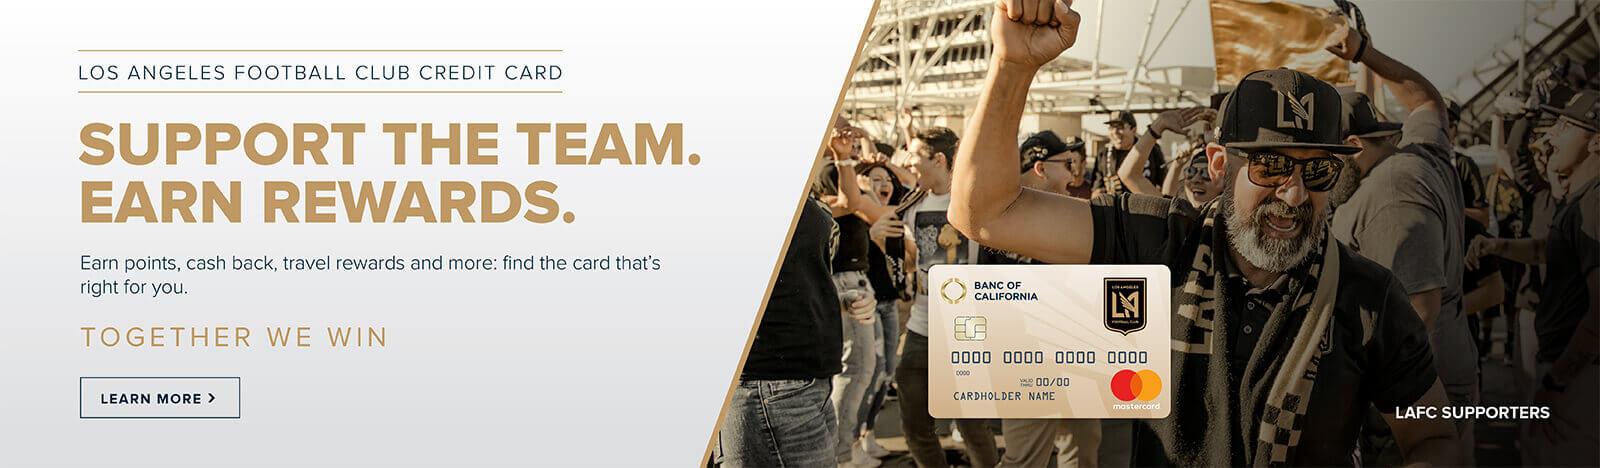 LAFC Credit Card